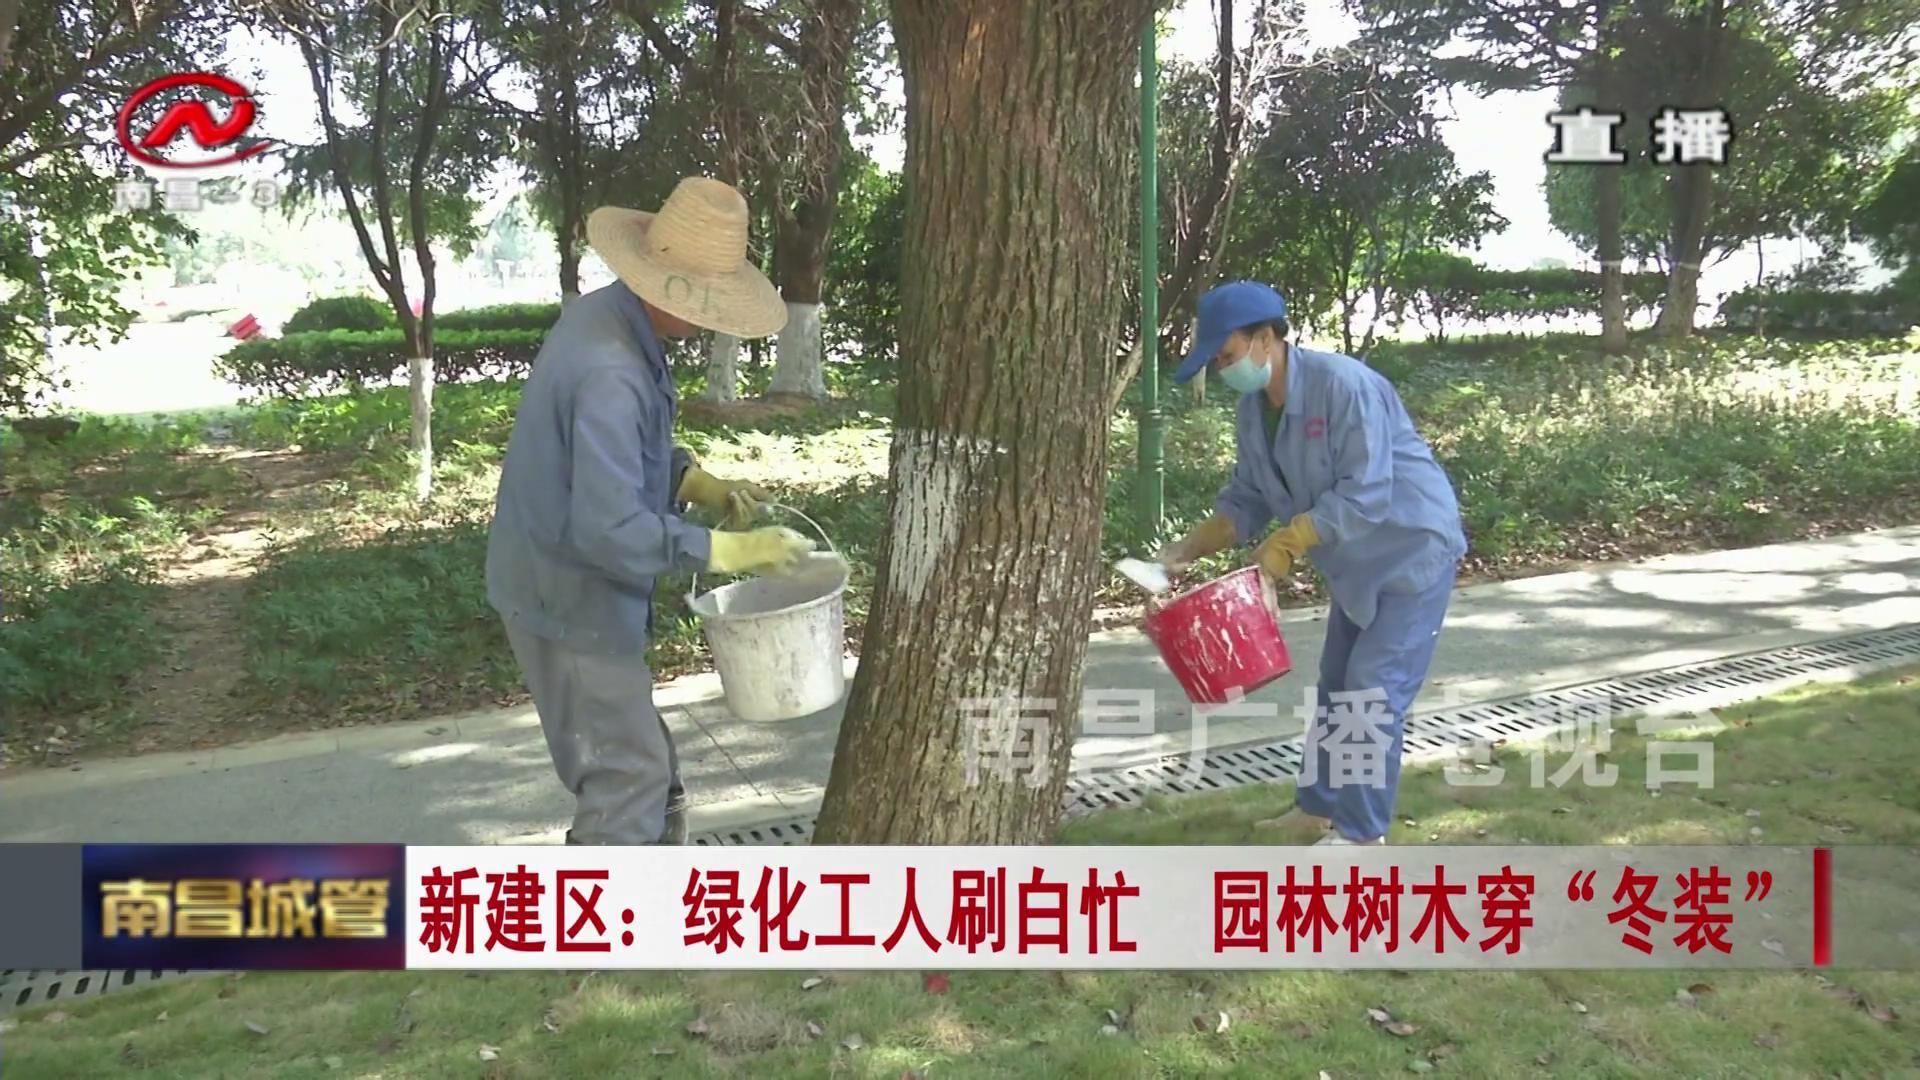 """【城管新闻】新建区:绿化工人刷白忙  园林树木穿""""冬装"""""""